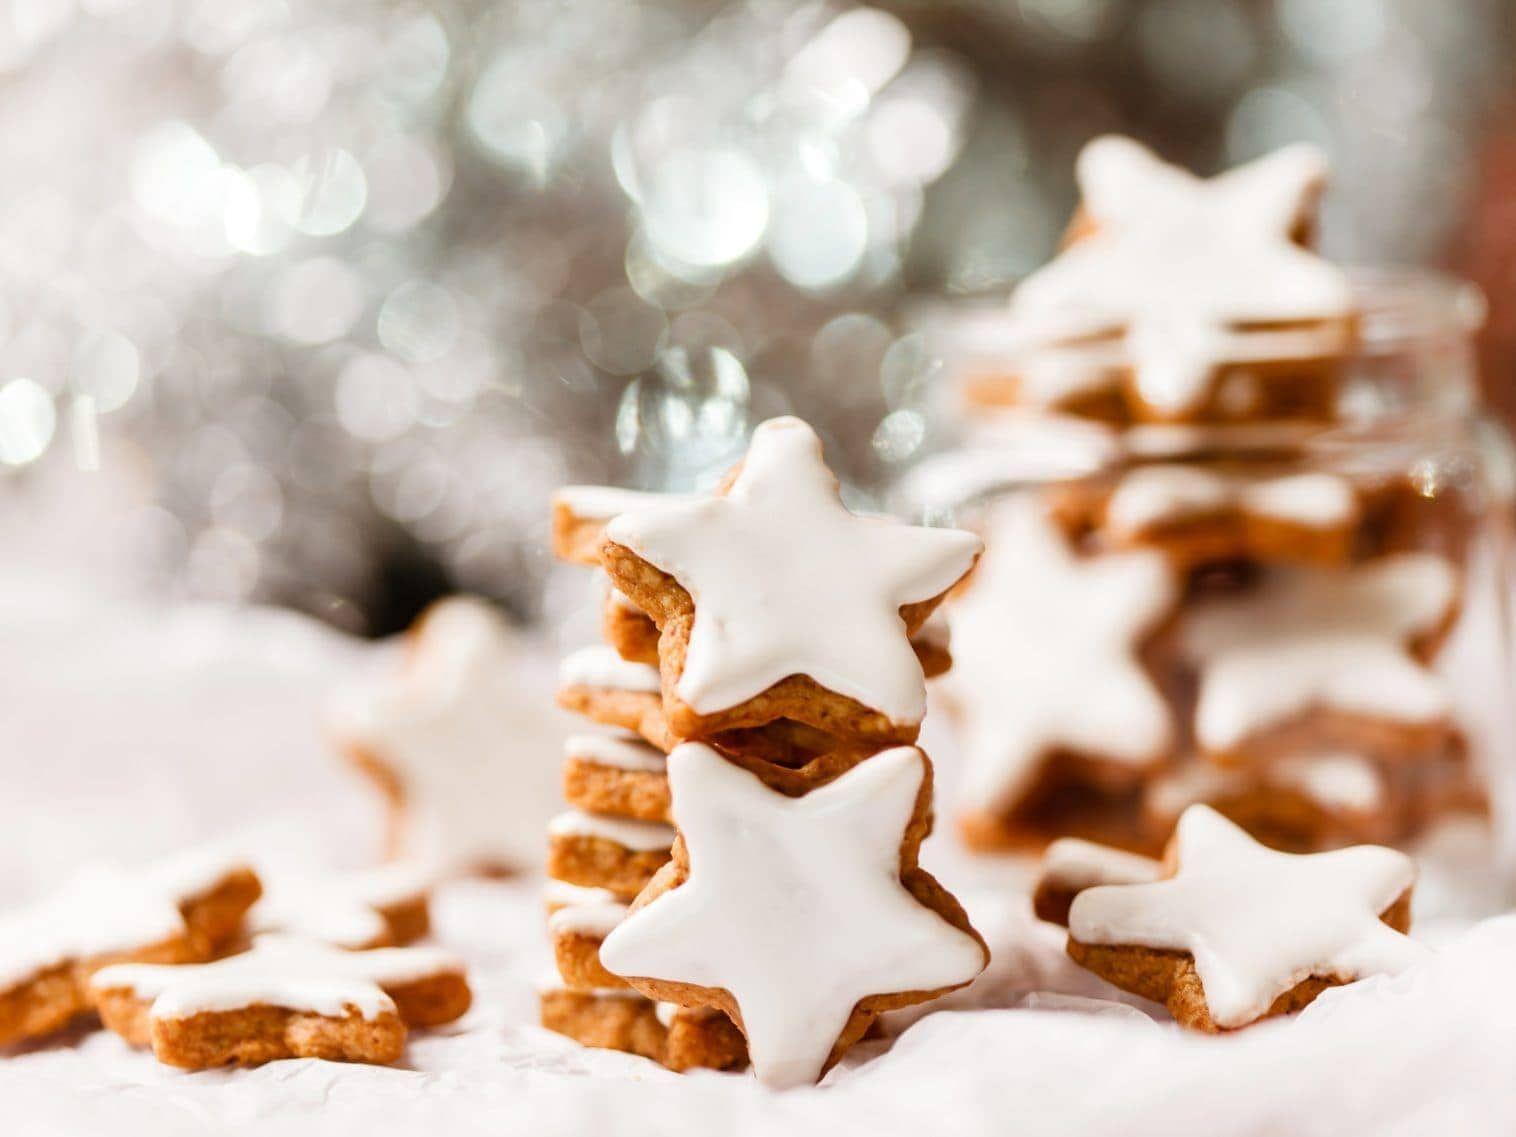 Biscotti Di Natale Al Miele.Biscotti Al Miele Ricetta Ricetta Biscotto Biscotti Di Natale